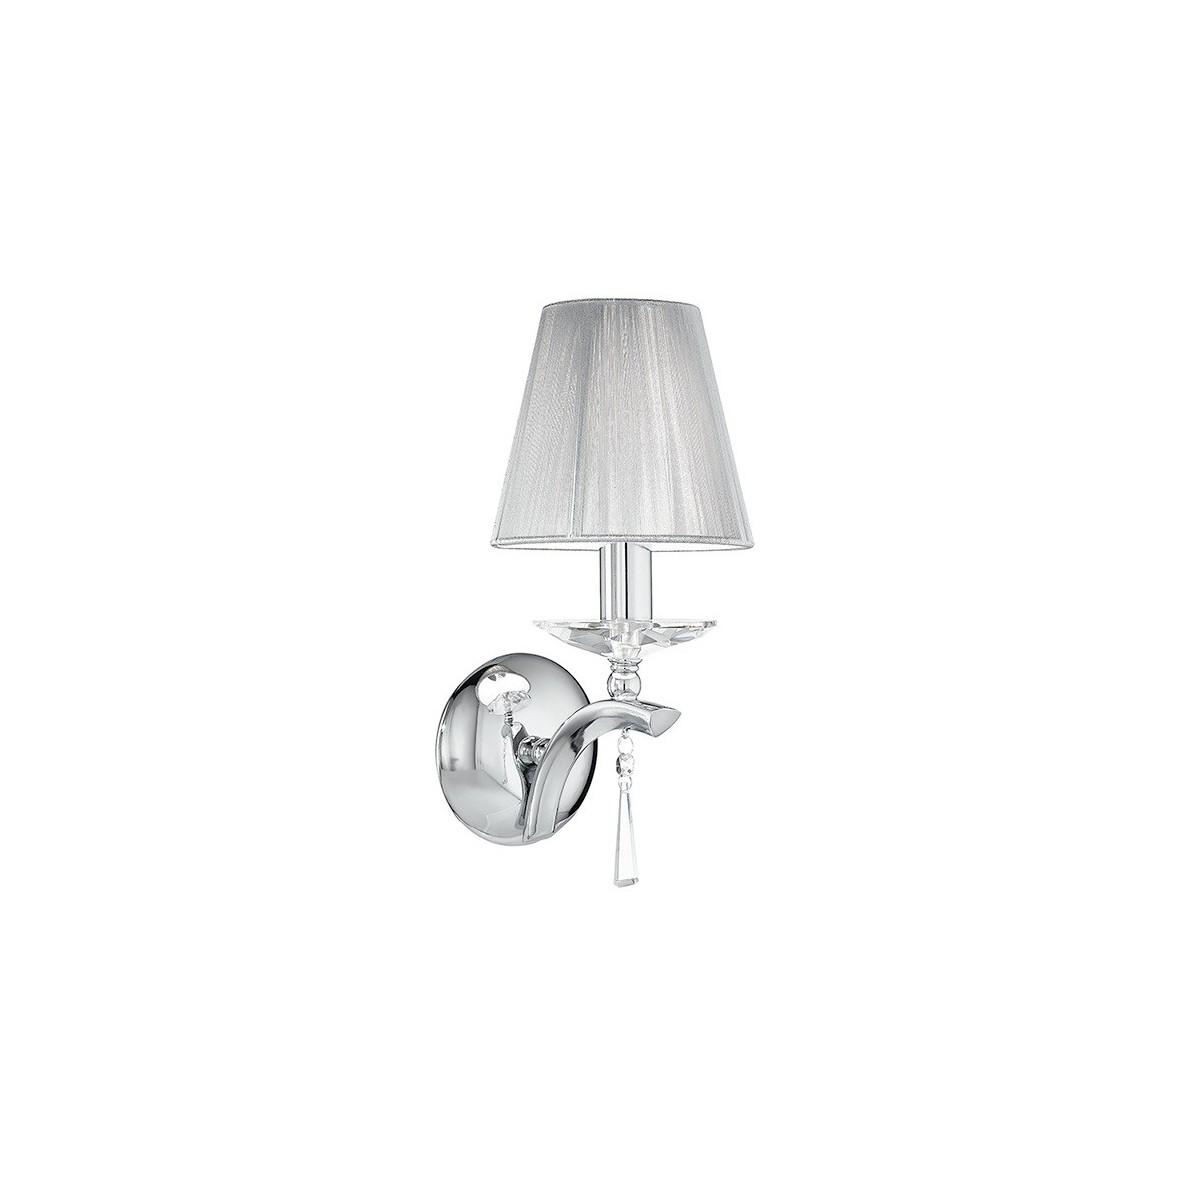 I-ORCHESTRA / AP1 - Élégante applique murale en métal K9 cristal abat-jour tissu classique lampe E14